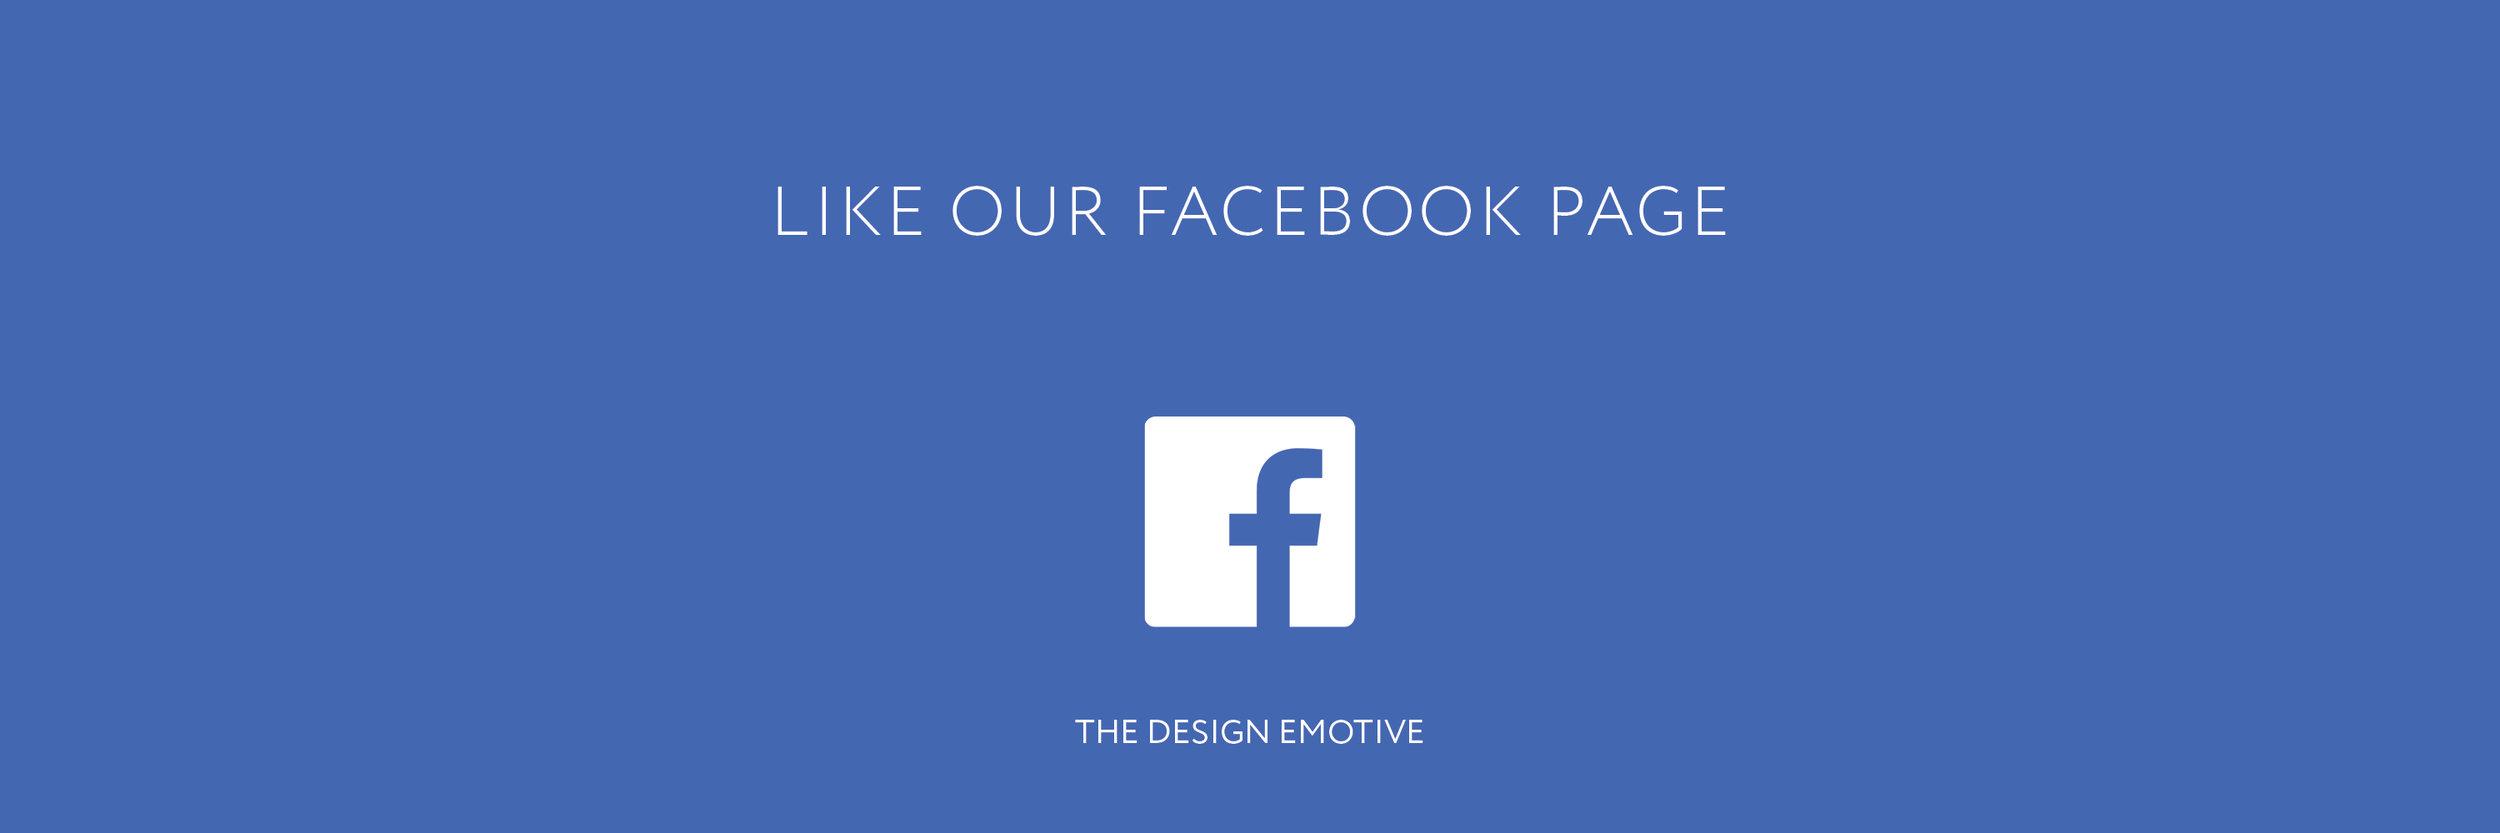 facebook-banner-a.jpg